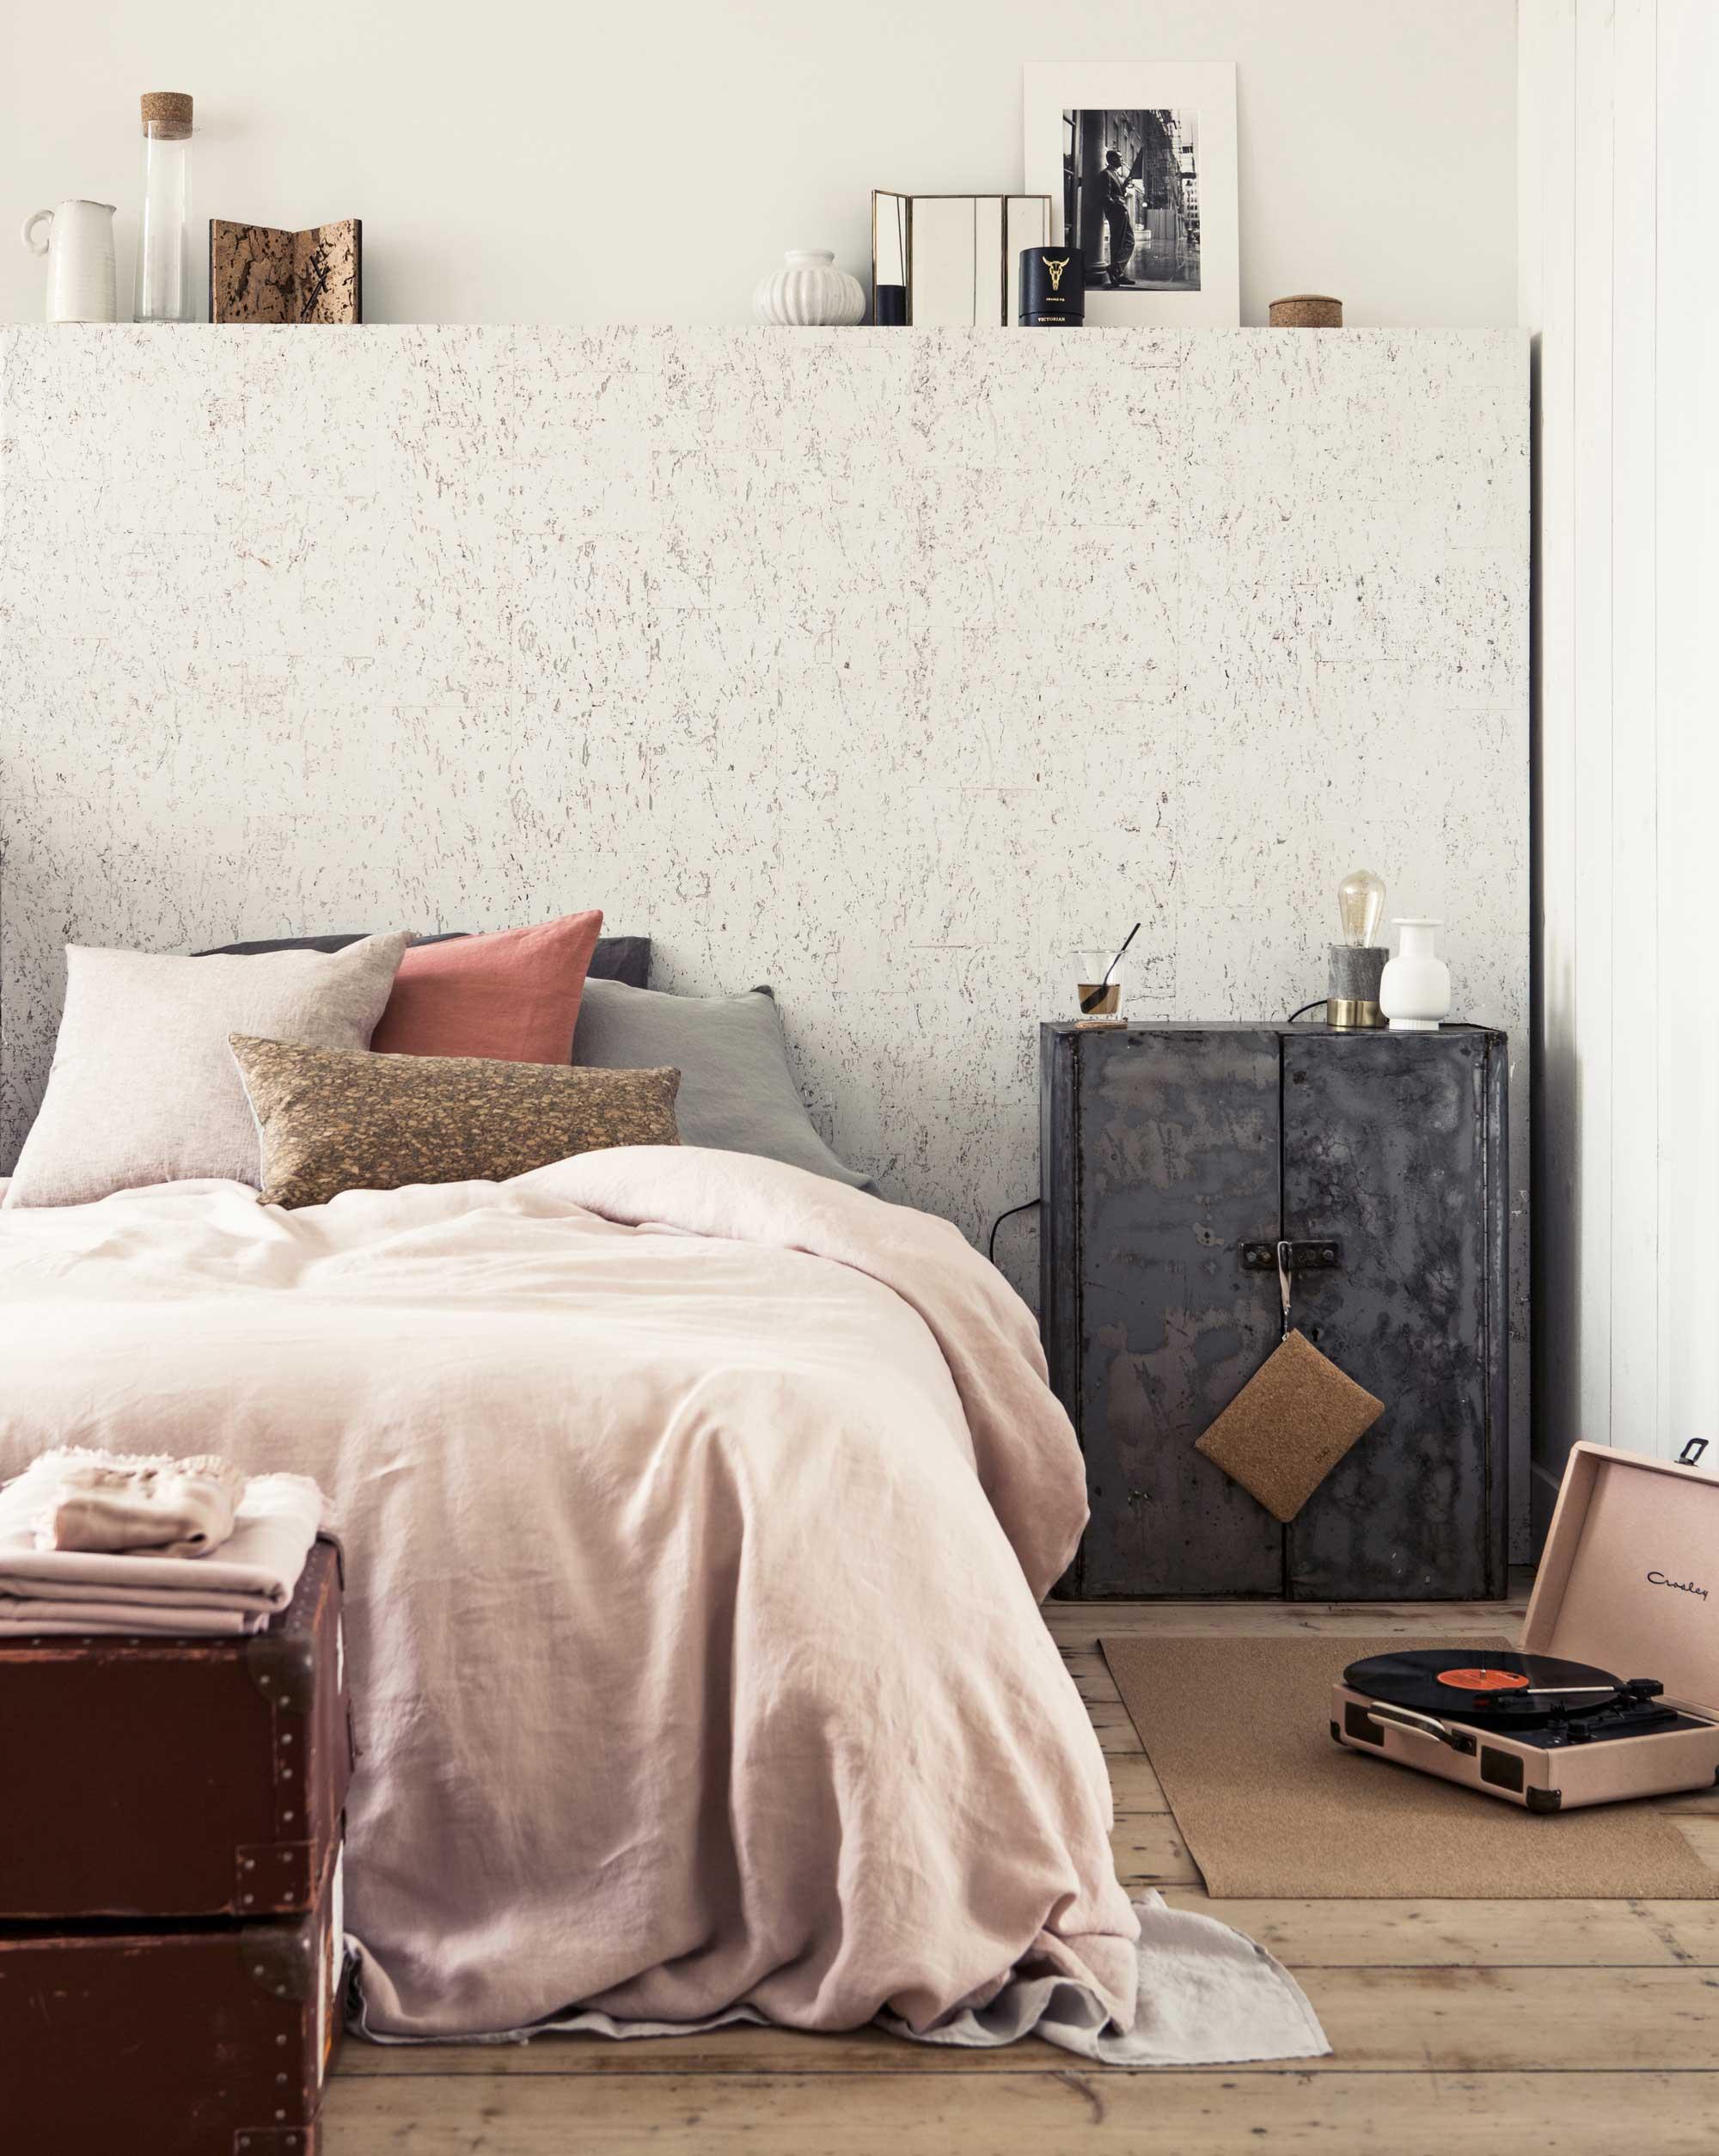 kleed-van-kurk-slaapkamer